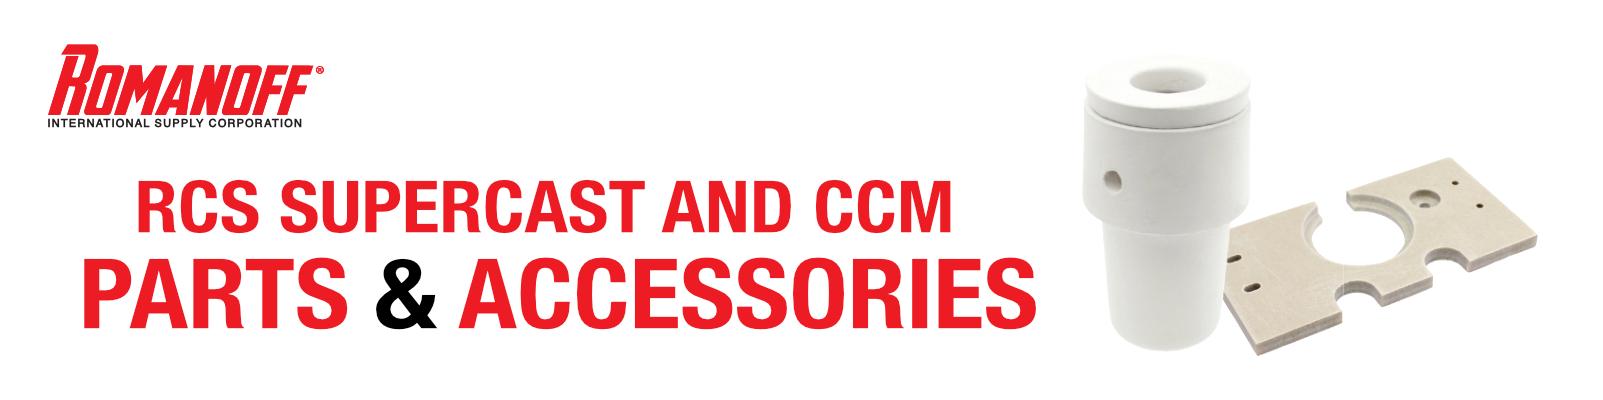 Supercast RCS & CCM Crucibles & Parts